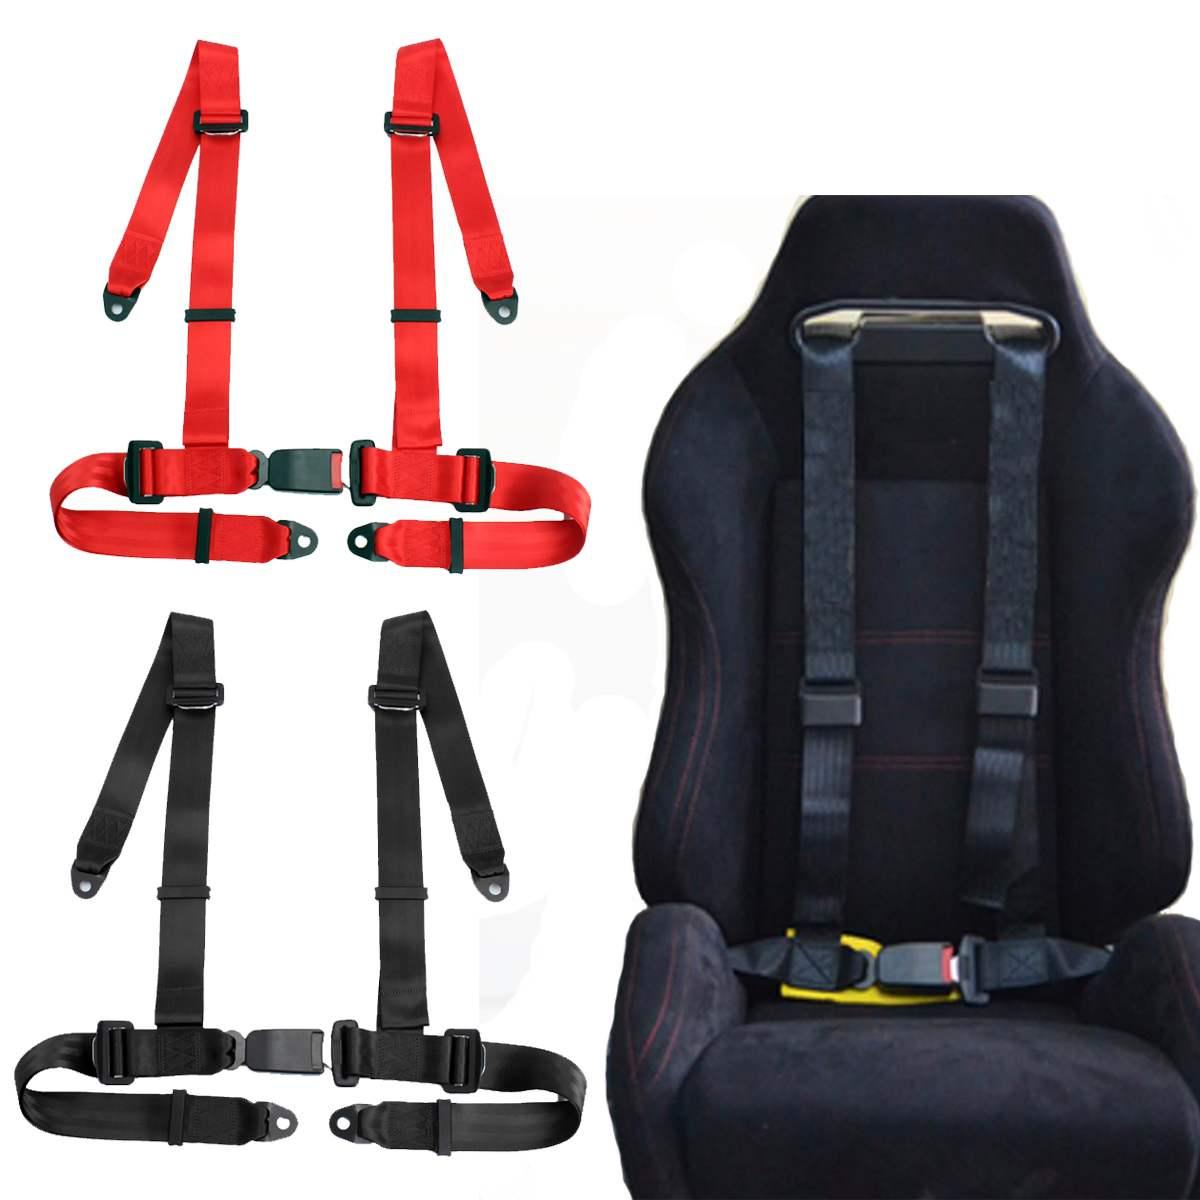 الرياضة سباق تسخير حزام الأمان 3 4 نقطة تثبيت تصاعد الإفراج السريع النايلون سيارة السلامة سباق حزام الأمان أسود أحمر